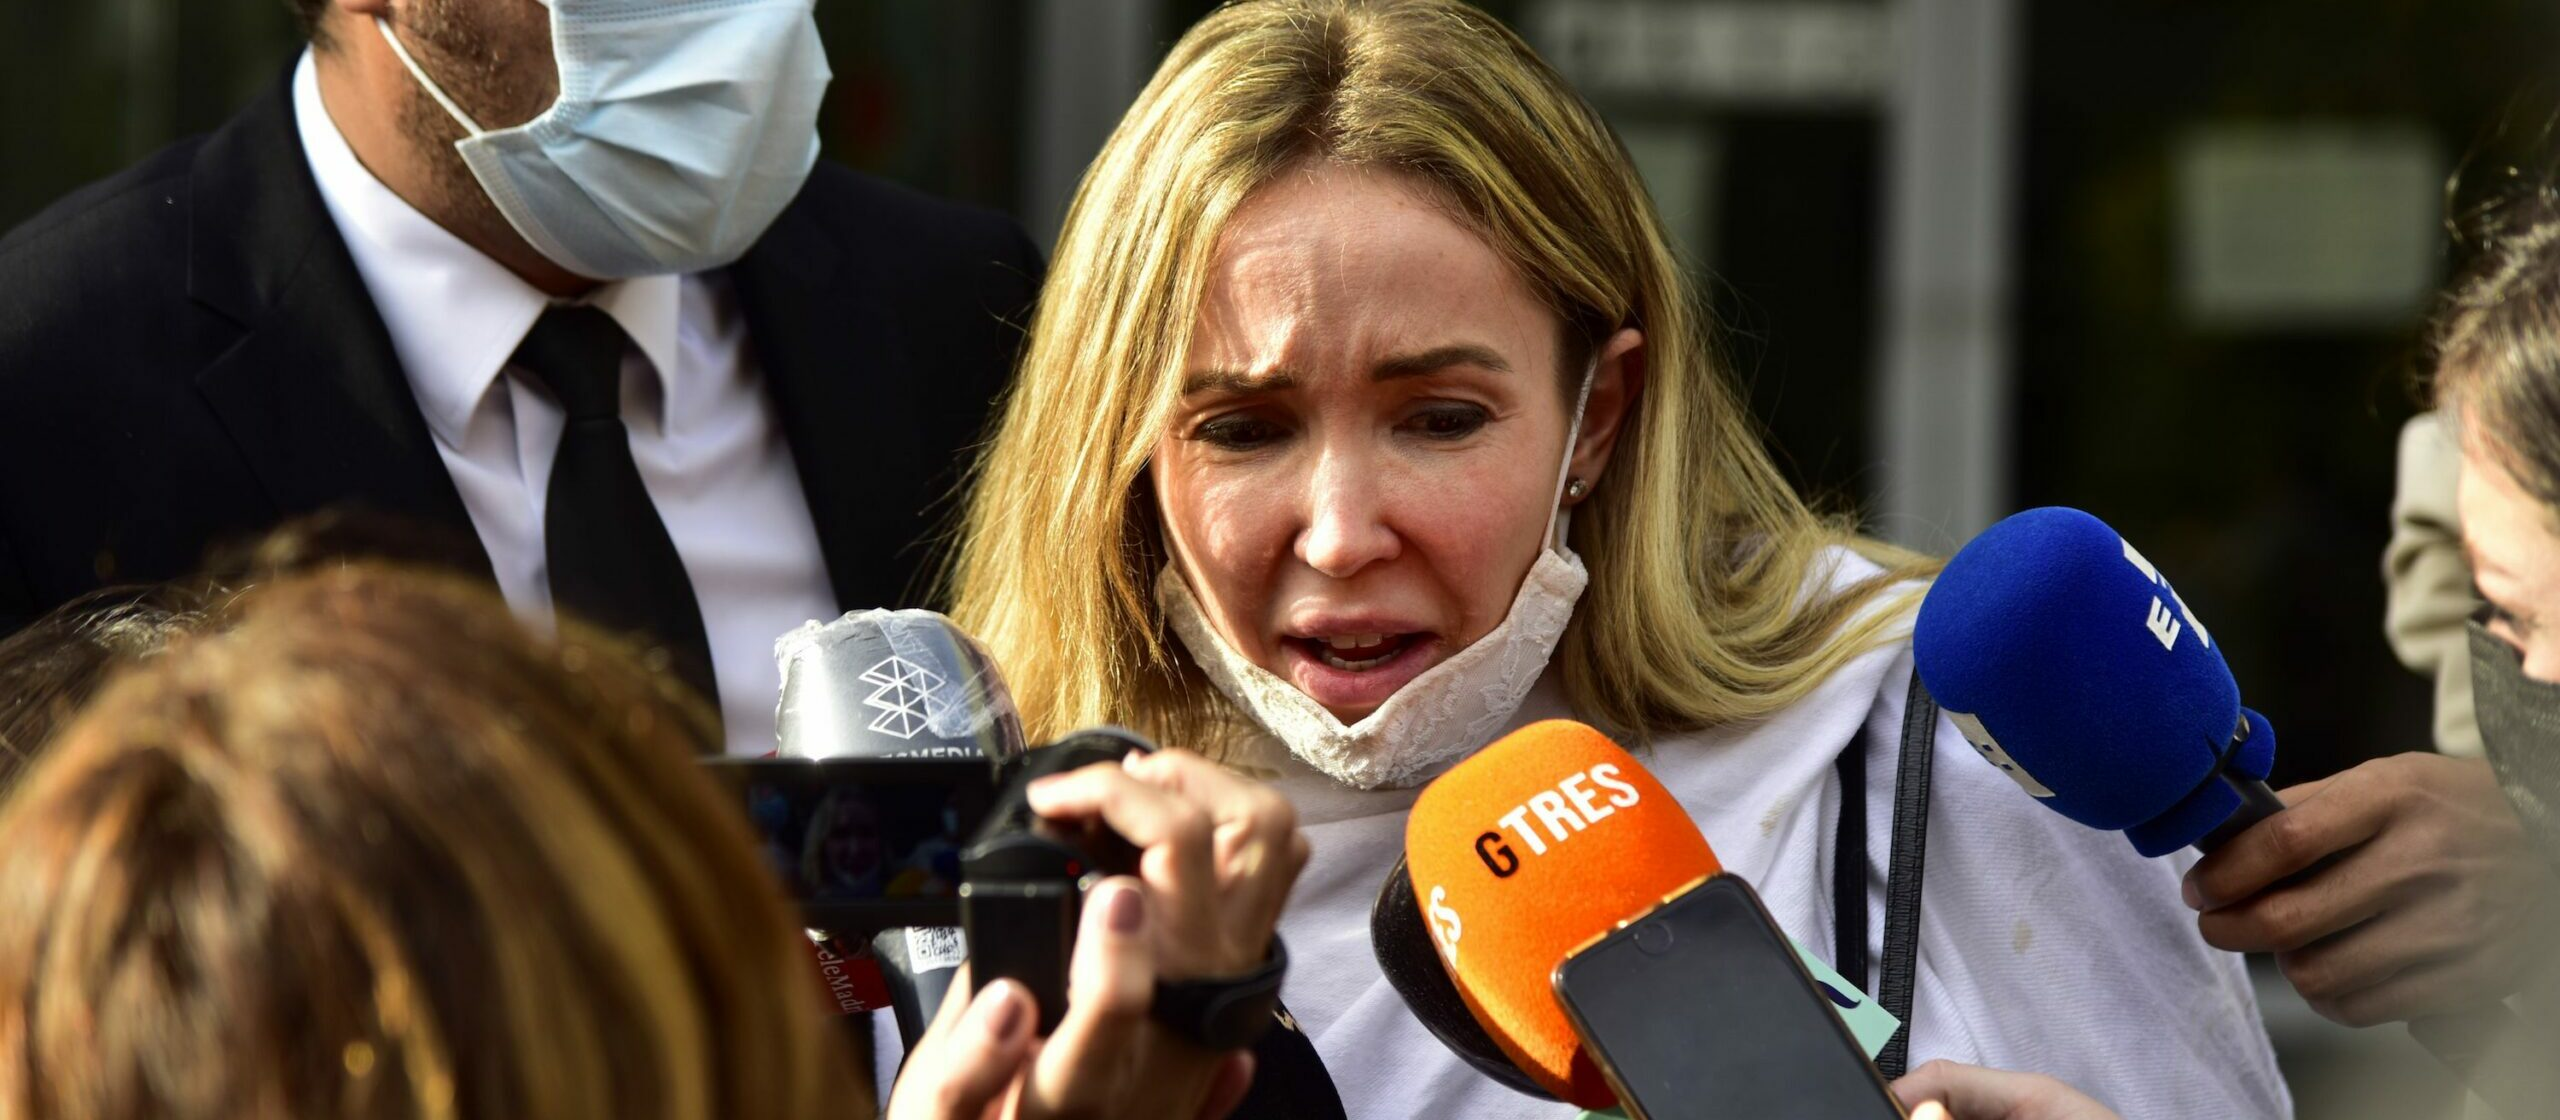 Ángela Dobrowolski, l'exdona de Mainat, a les portes del jutjat - Europa Press